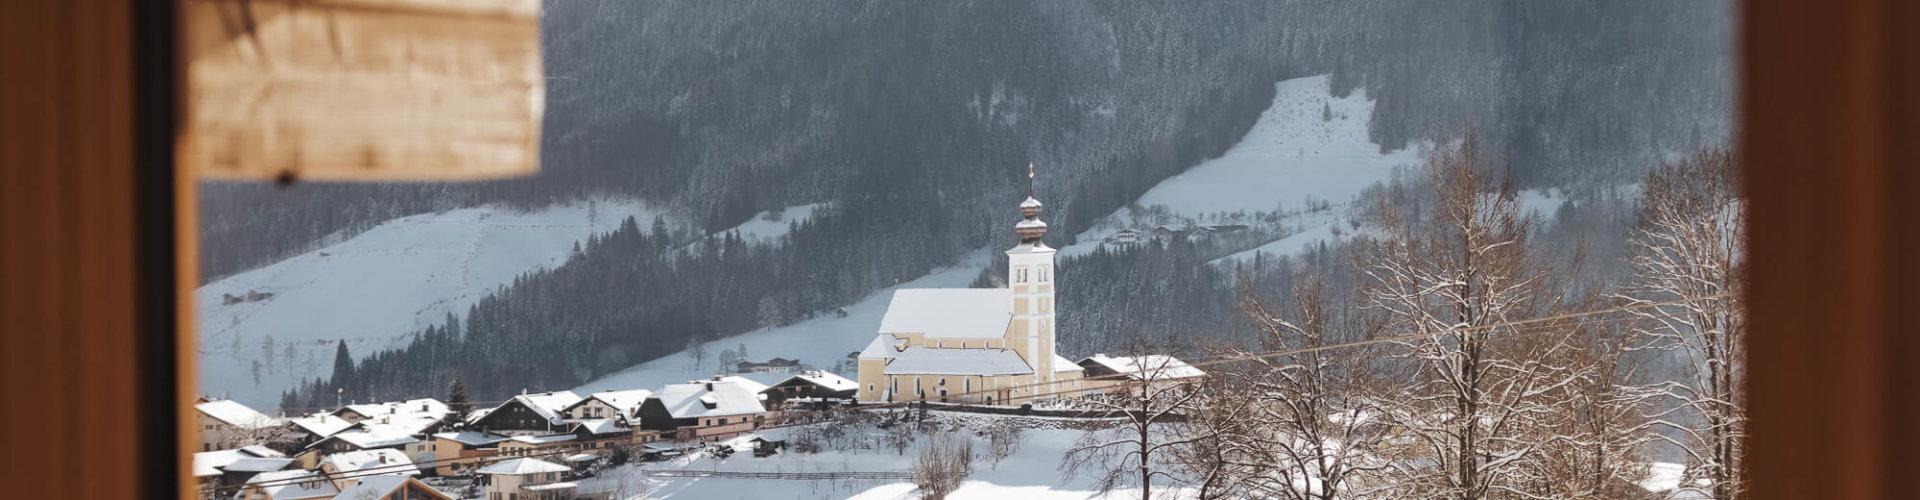 Hotel Silberfux St. Veit im Winter